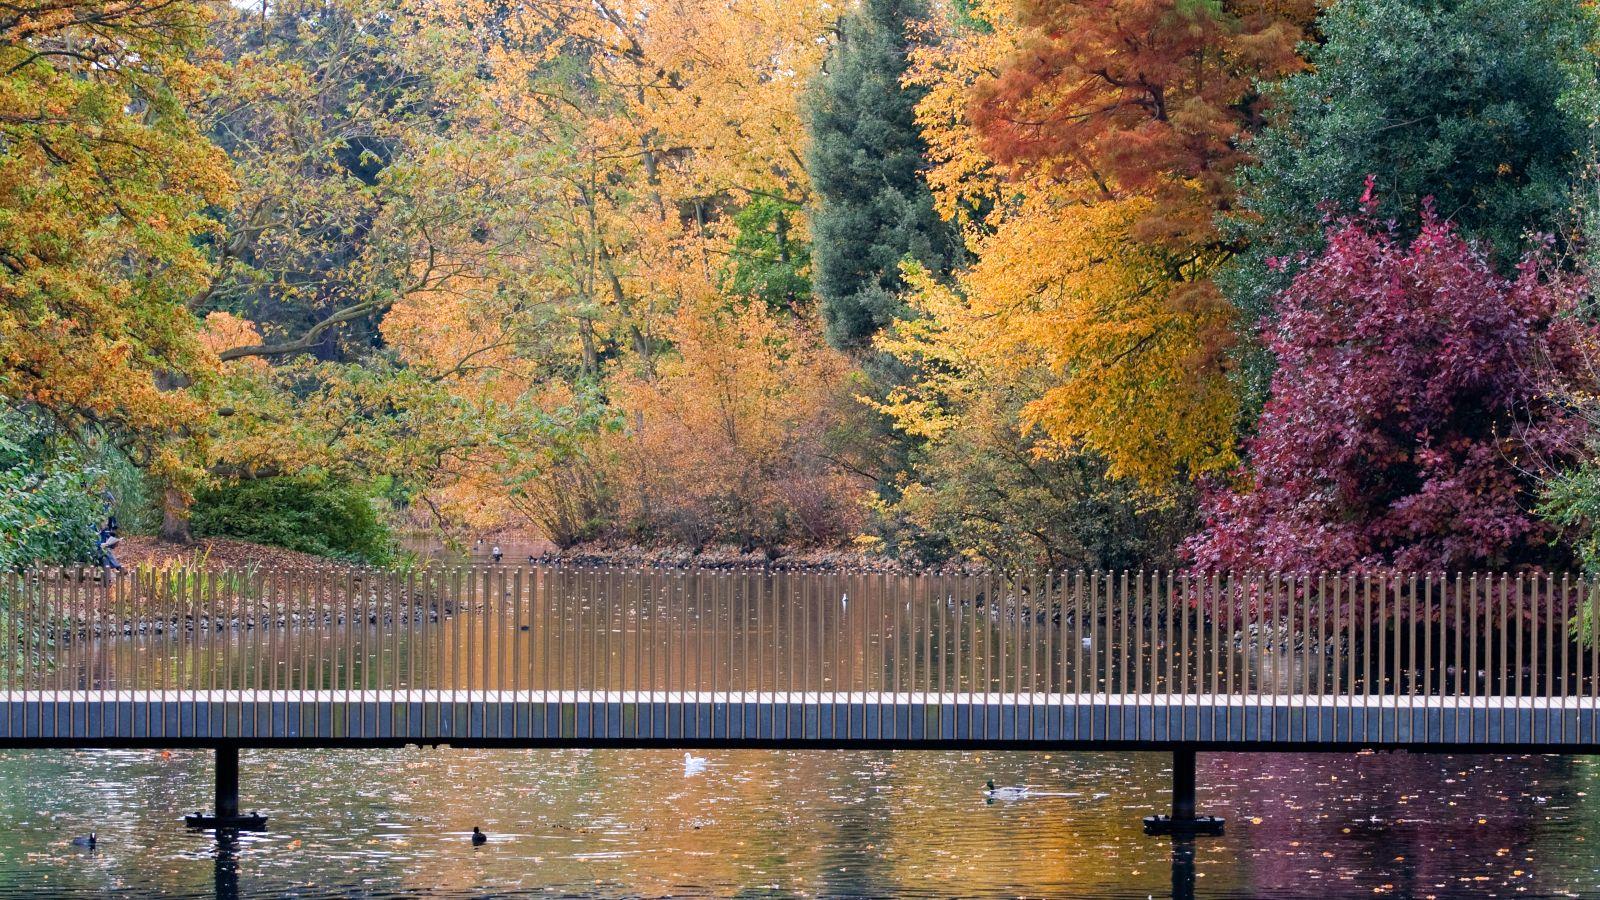 The bridge at Kew